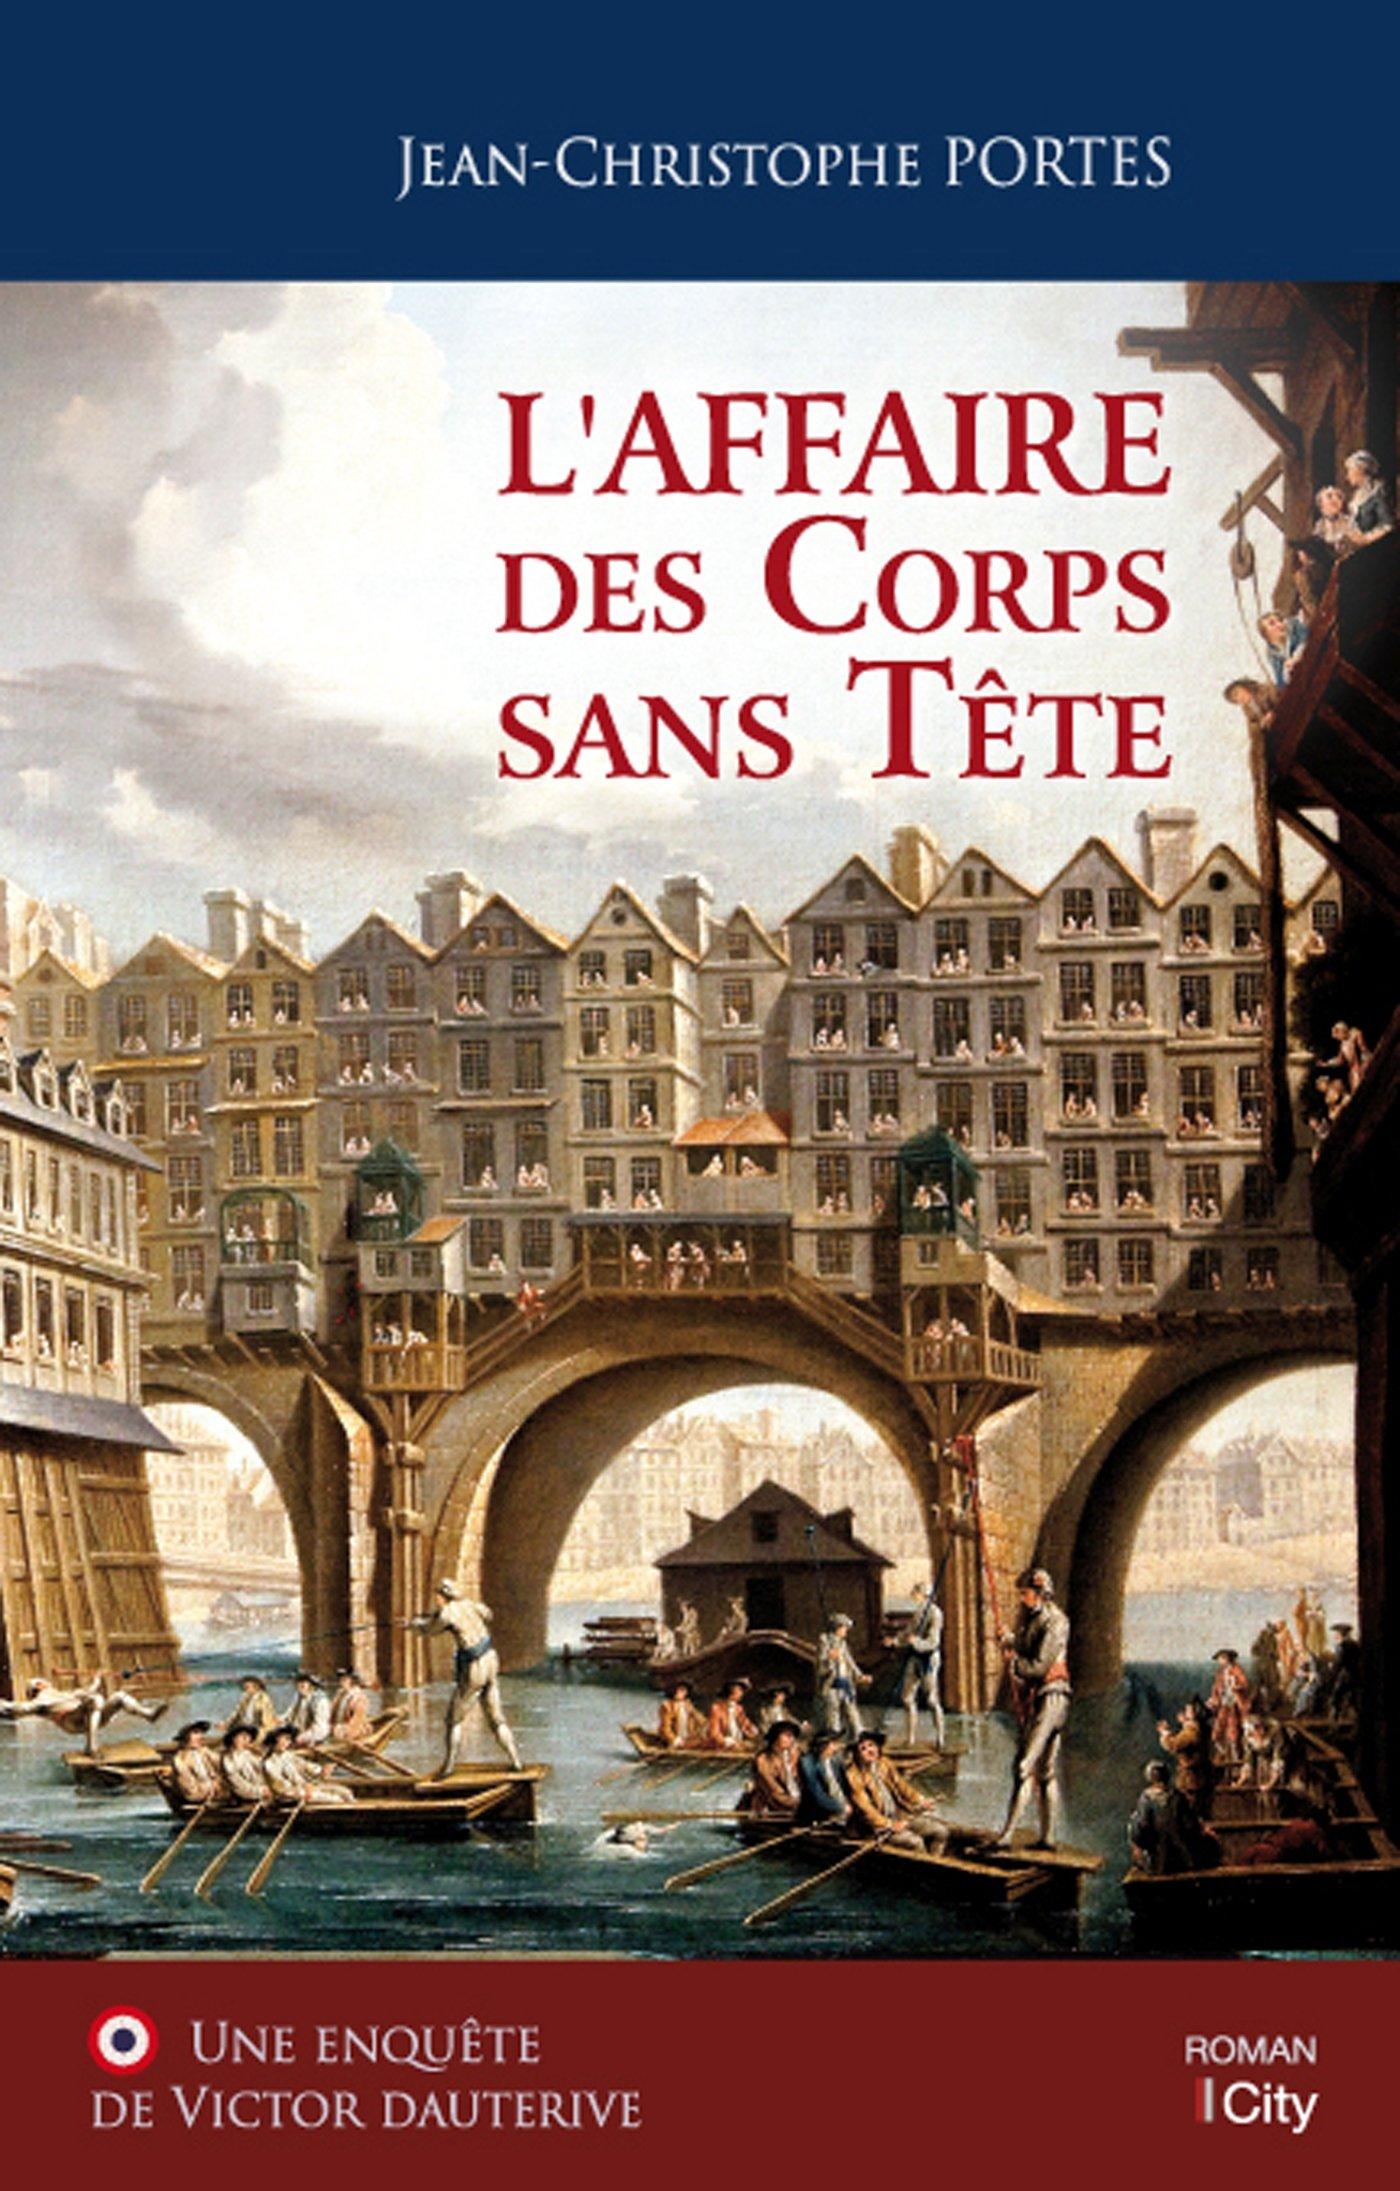 L'Affaire des Corps sans Tête Broché – 30 septembre 2015 Jean-Christophe Portes City Edition 2824606681 Thriller